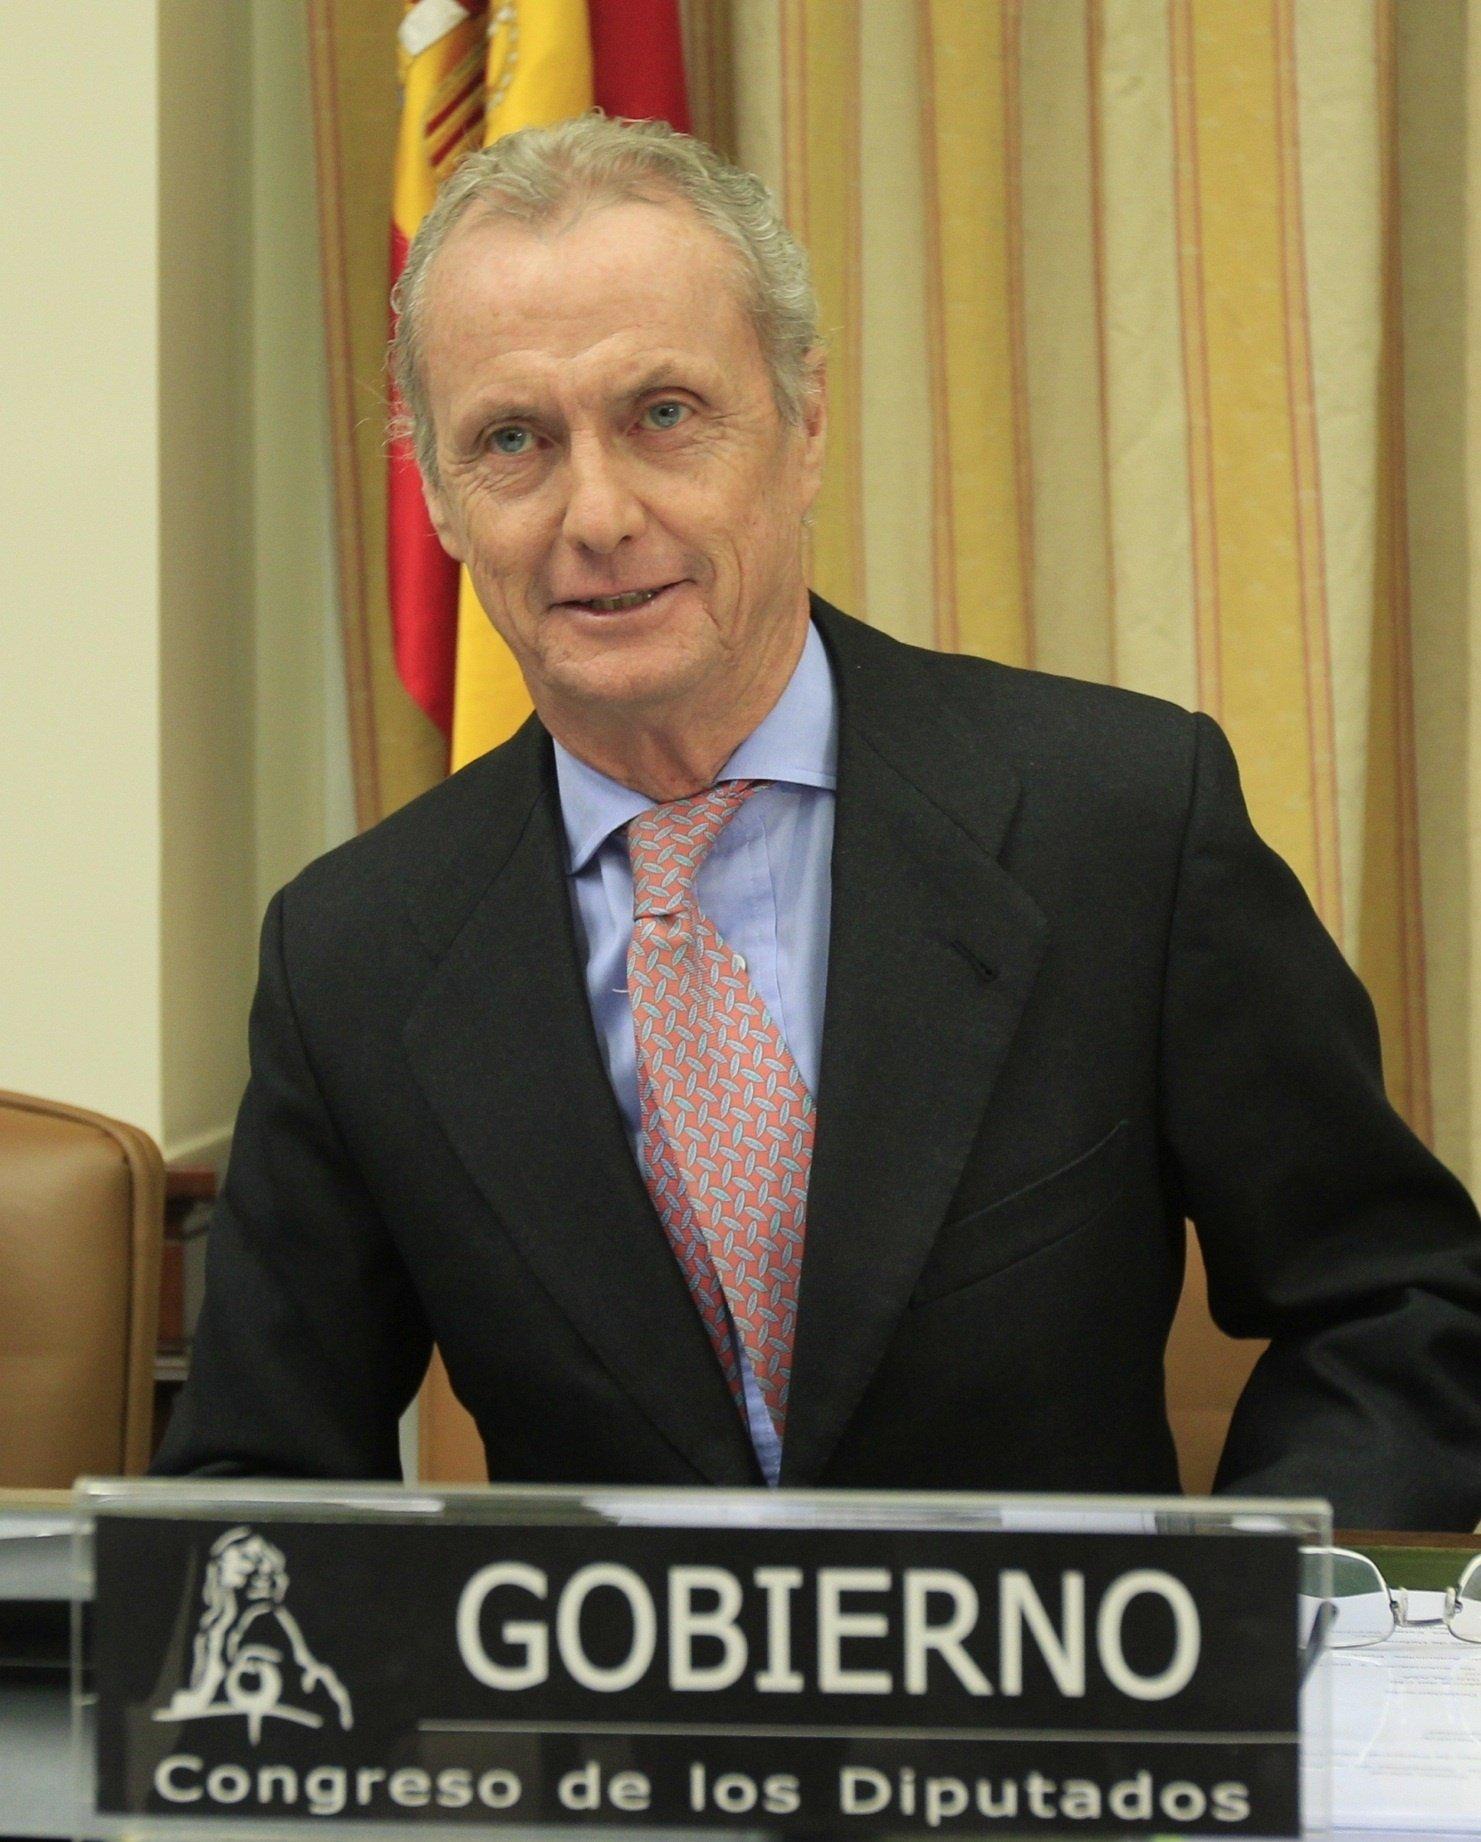 El PSOE pide a Morenés que explique «lo antes posible» en el Congreso las misiones de las Fuerzas Armadas en el exterior